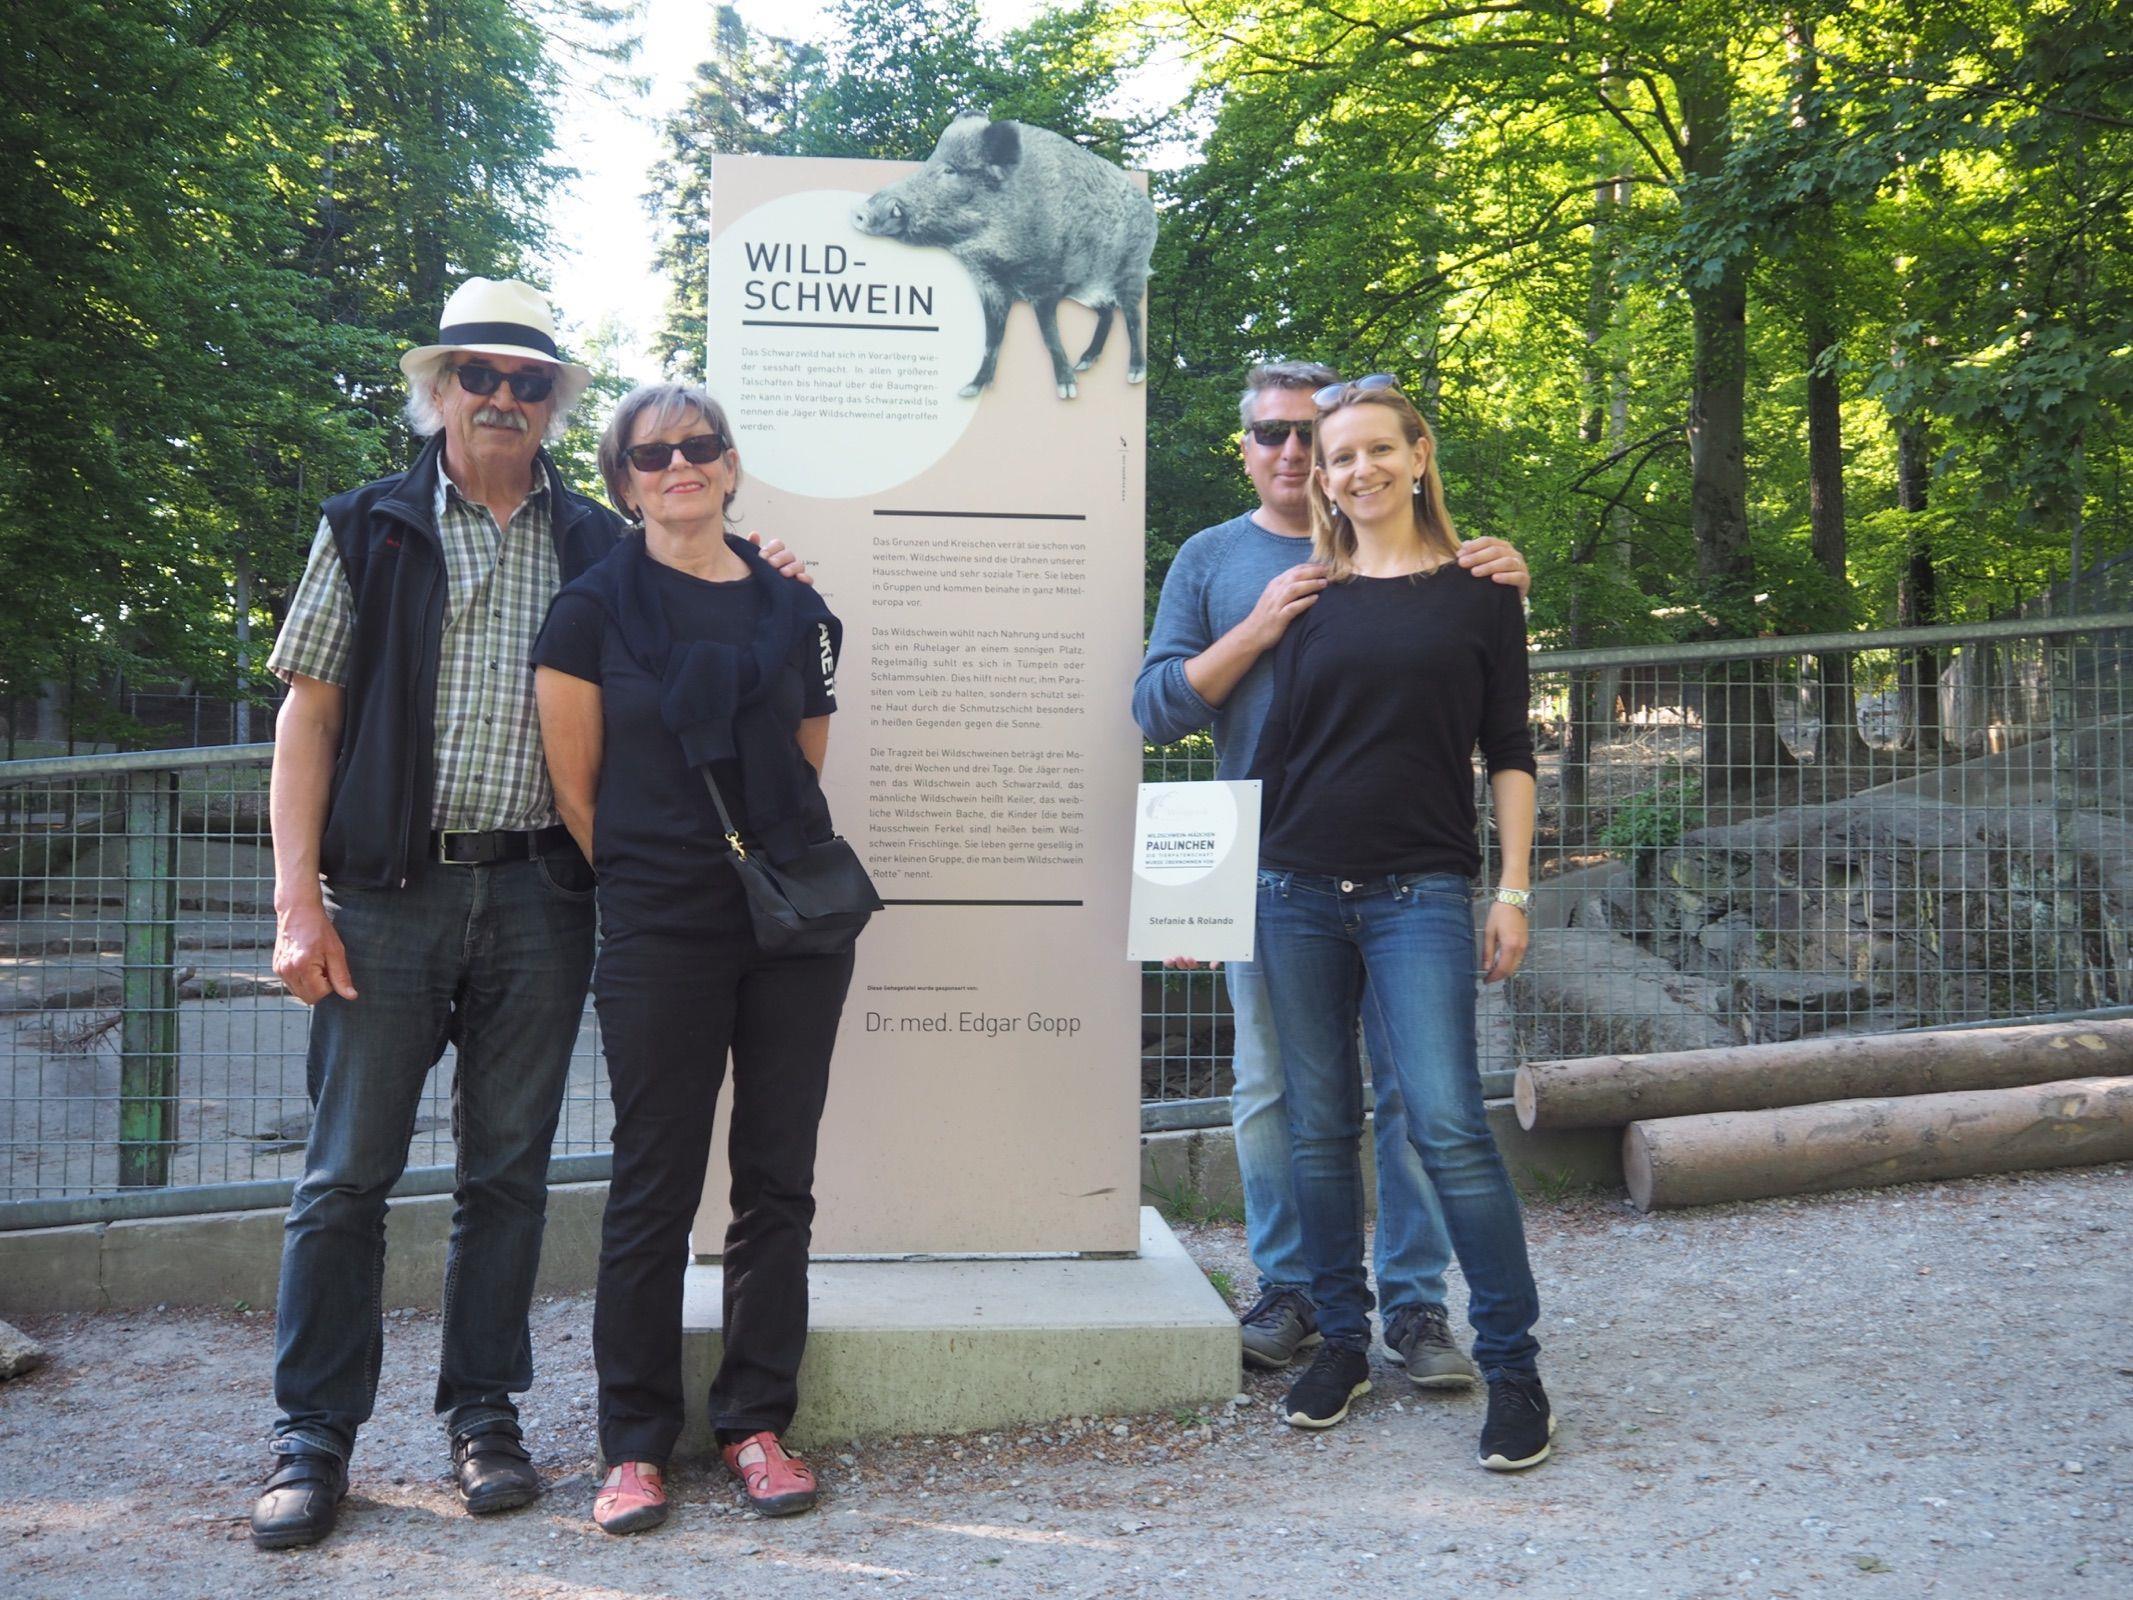 Bei der Übergabe der Patenschaftstafel: Hannes, Waltraud und das Brautpaar Rolando und Stefanie.